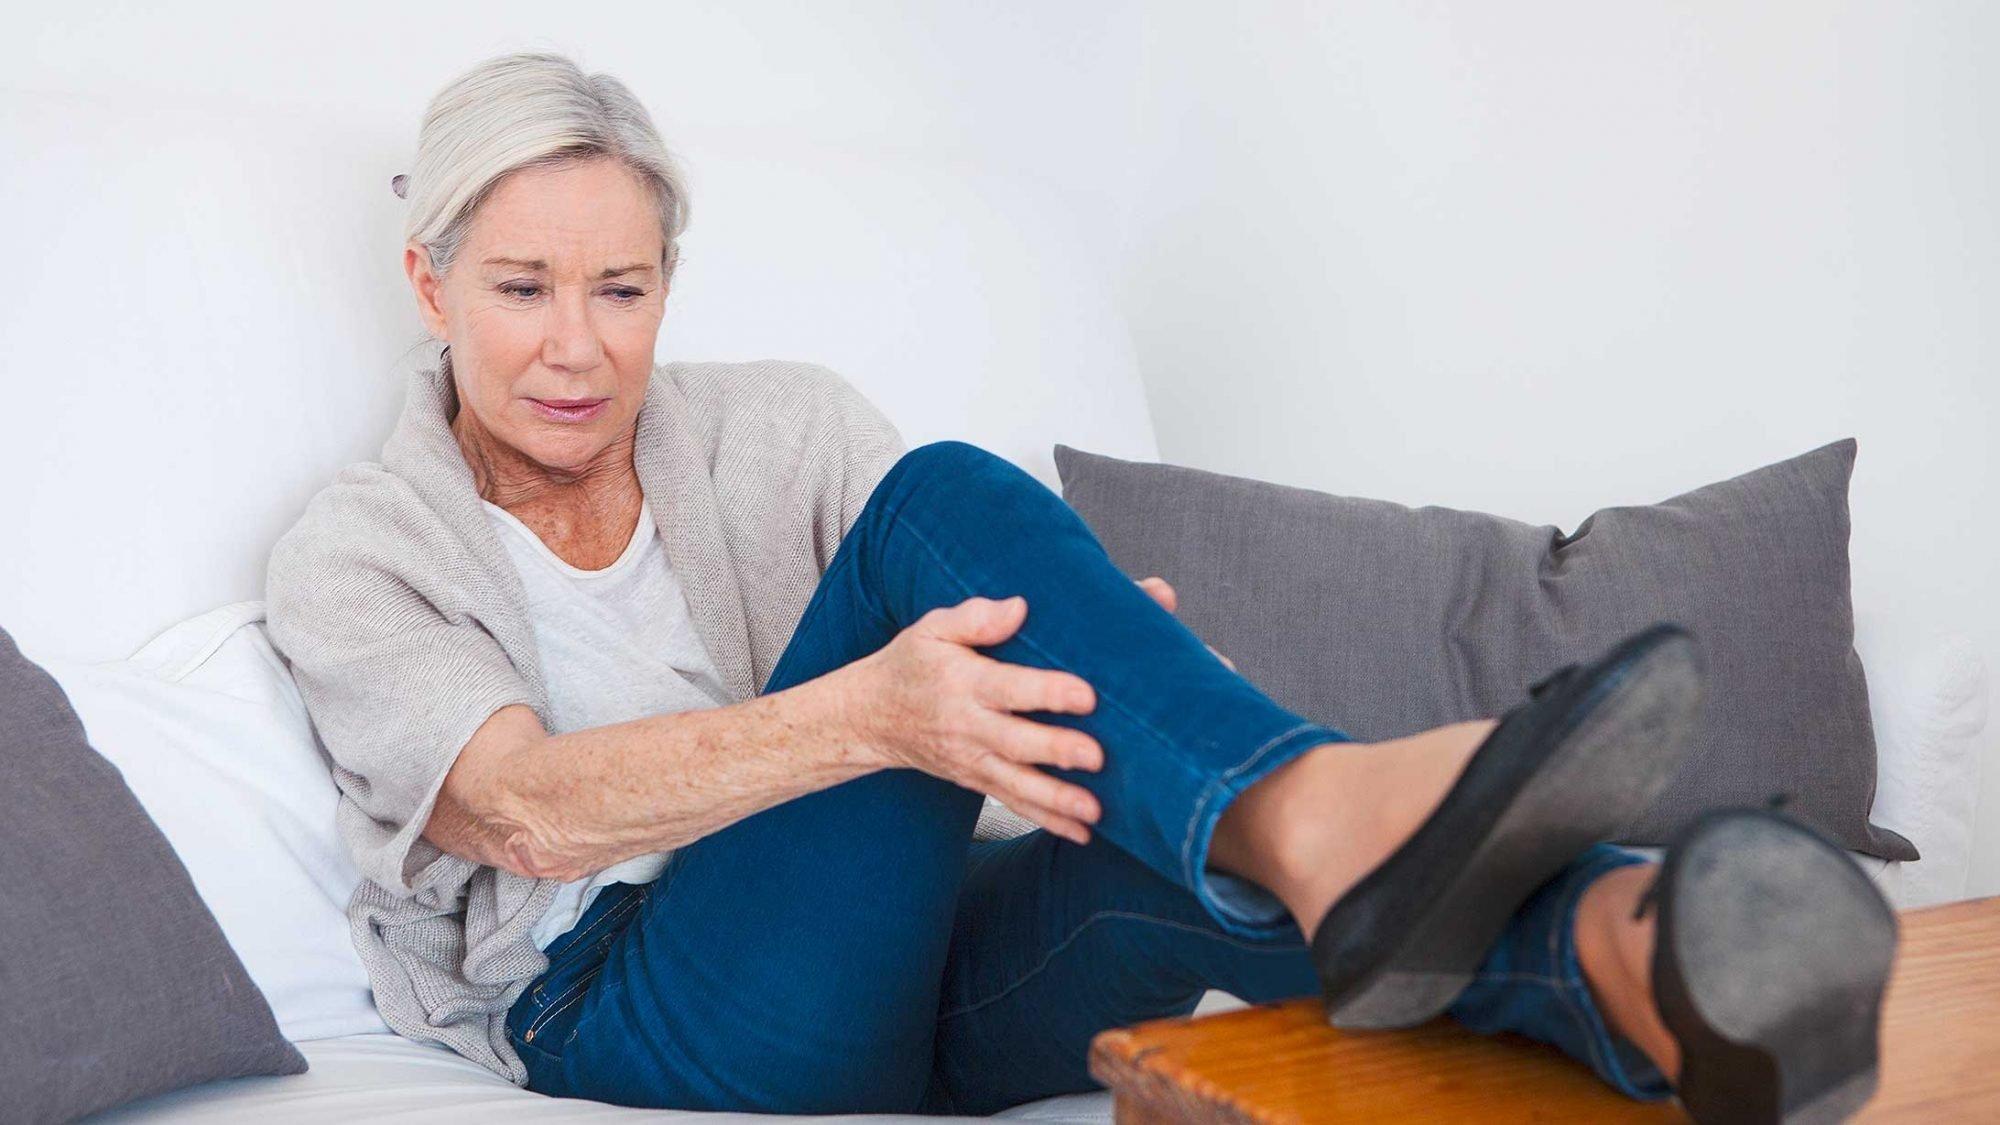 Raucherbein: Eine Frau hält ihr schmerzendes Bein.